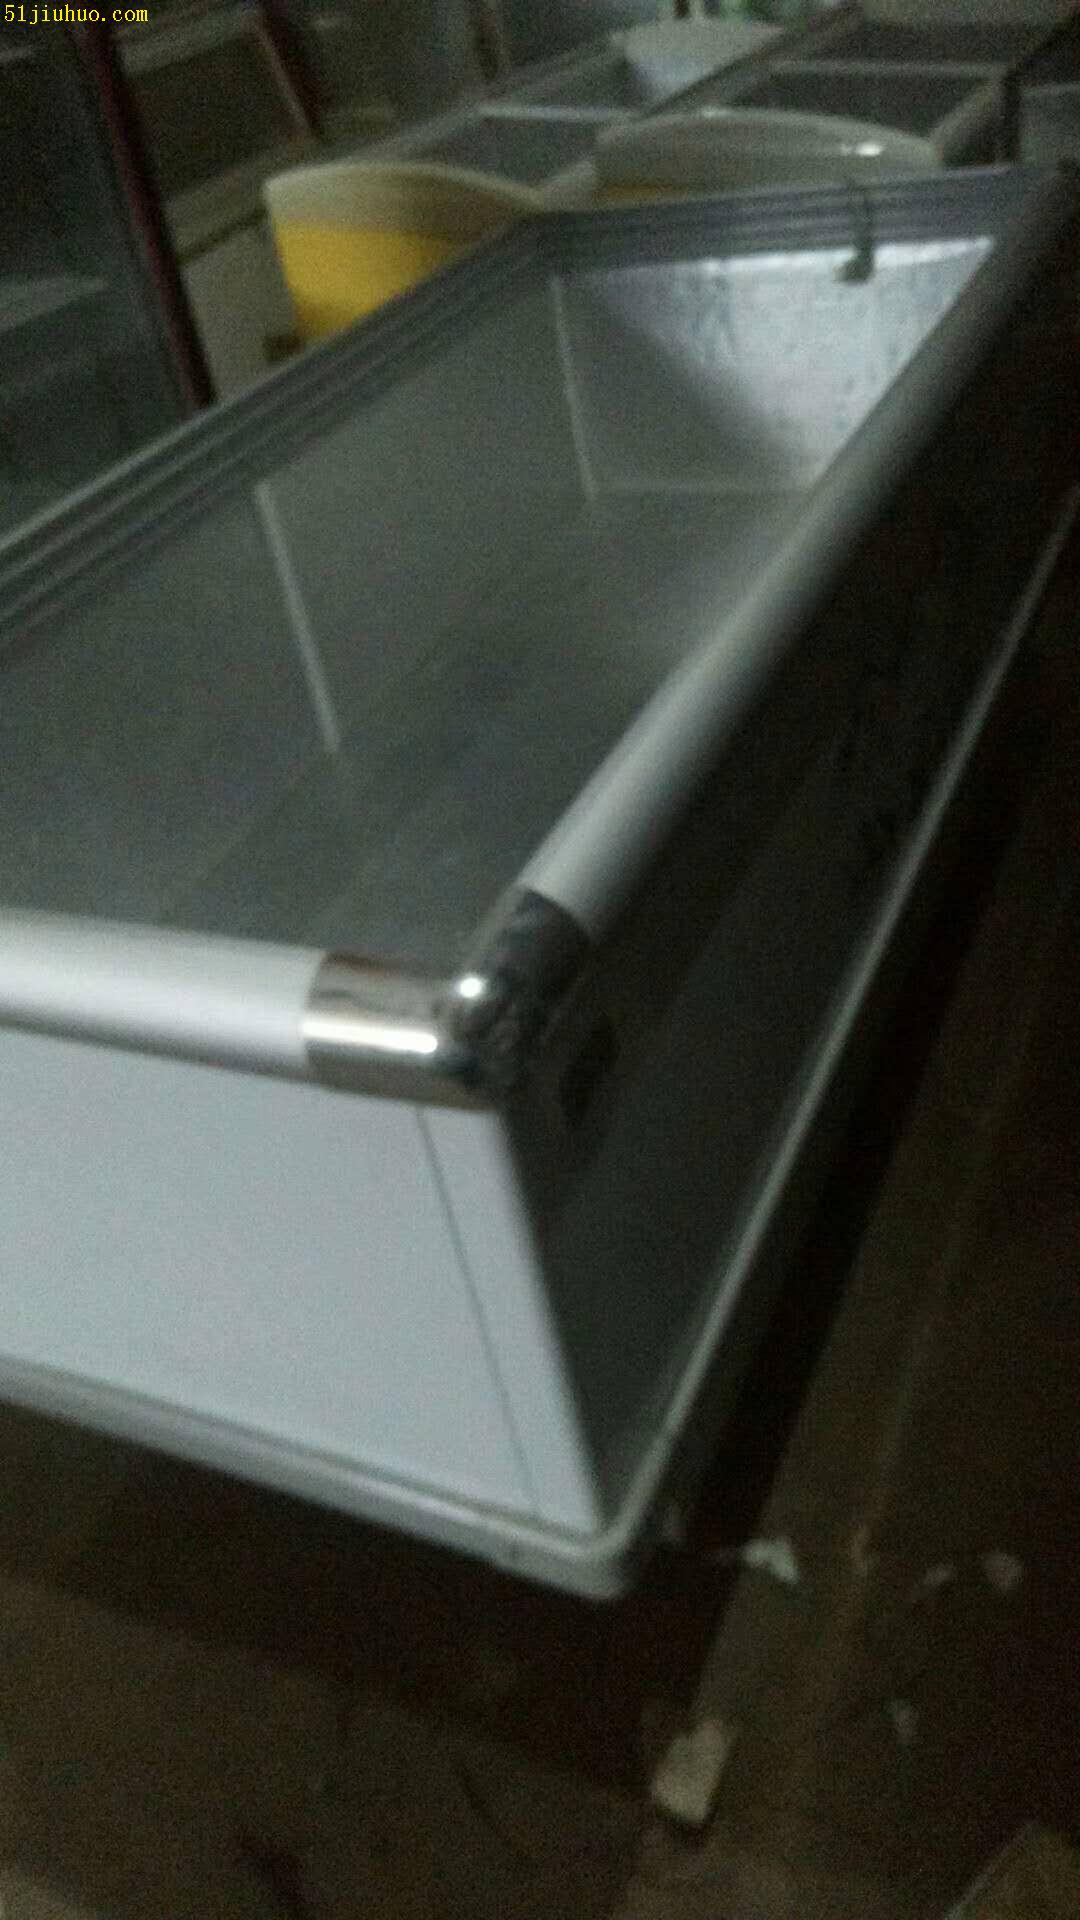 出售冰箱,冰柜,烘焙设备